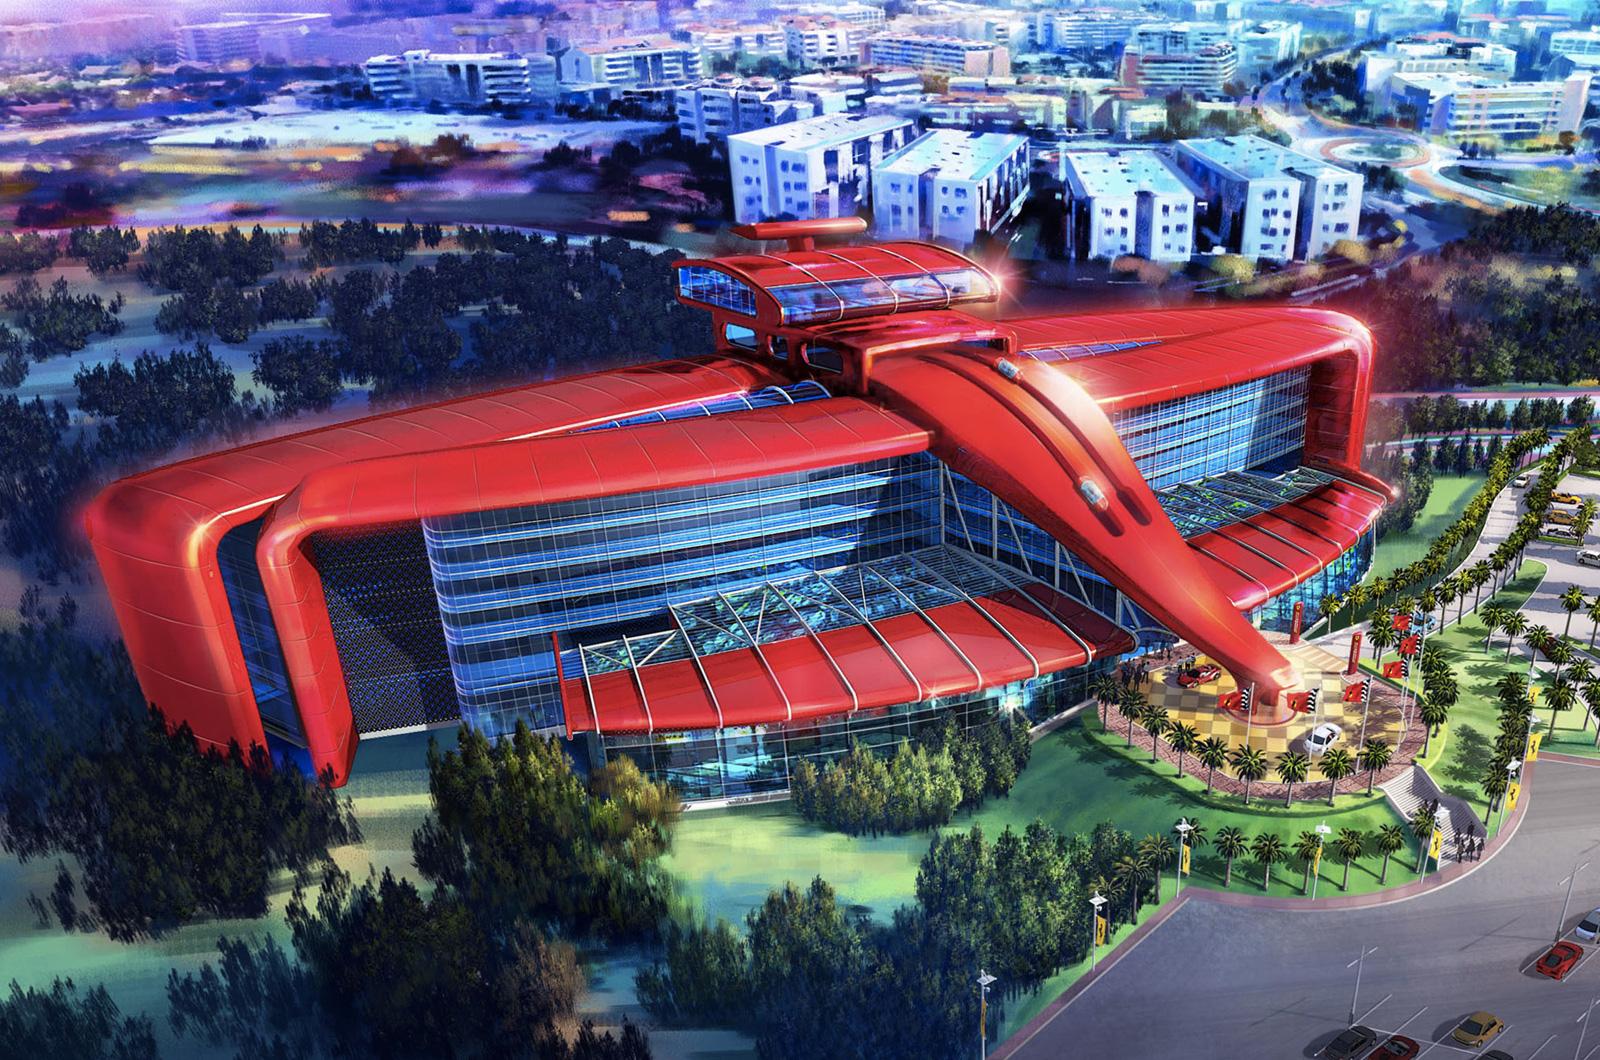 Elocuente arquitectura del nuevo parque temático ferrarista, con mucho que recuerda a una trompa de F1...